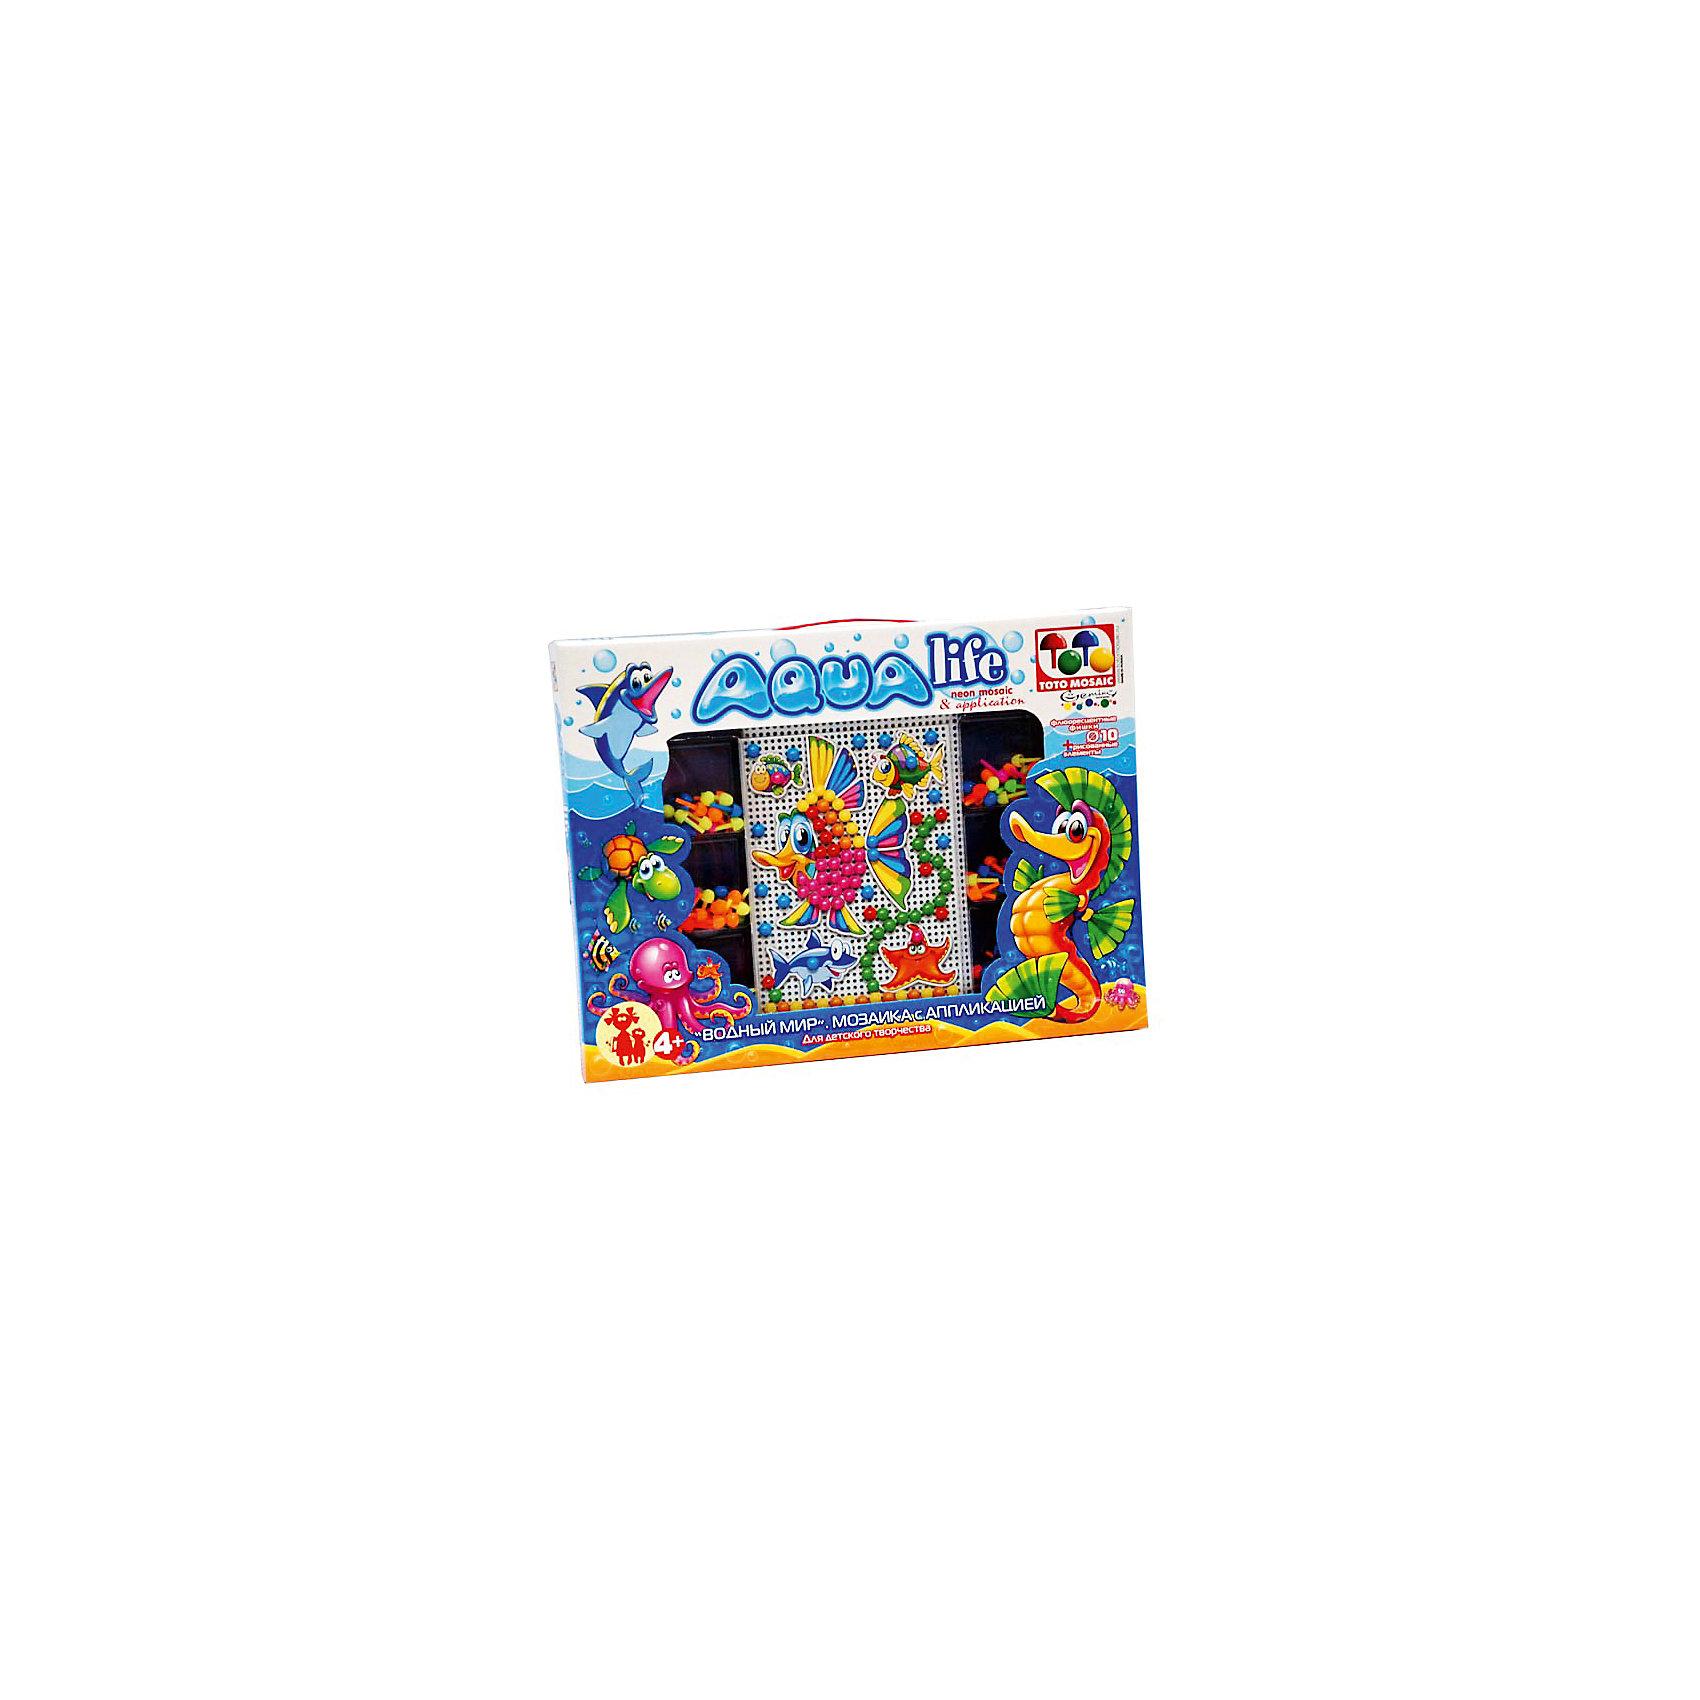 Toys Union Мозаика с аппликацией Водный мир, 140 деталей, д. 10 мм, Toys Union мозаики totomosaic мозаика водный мир